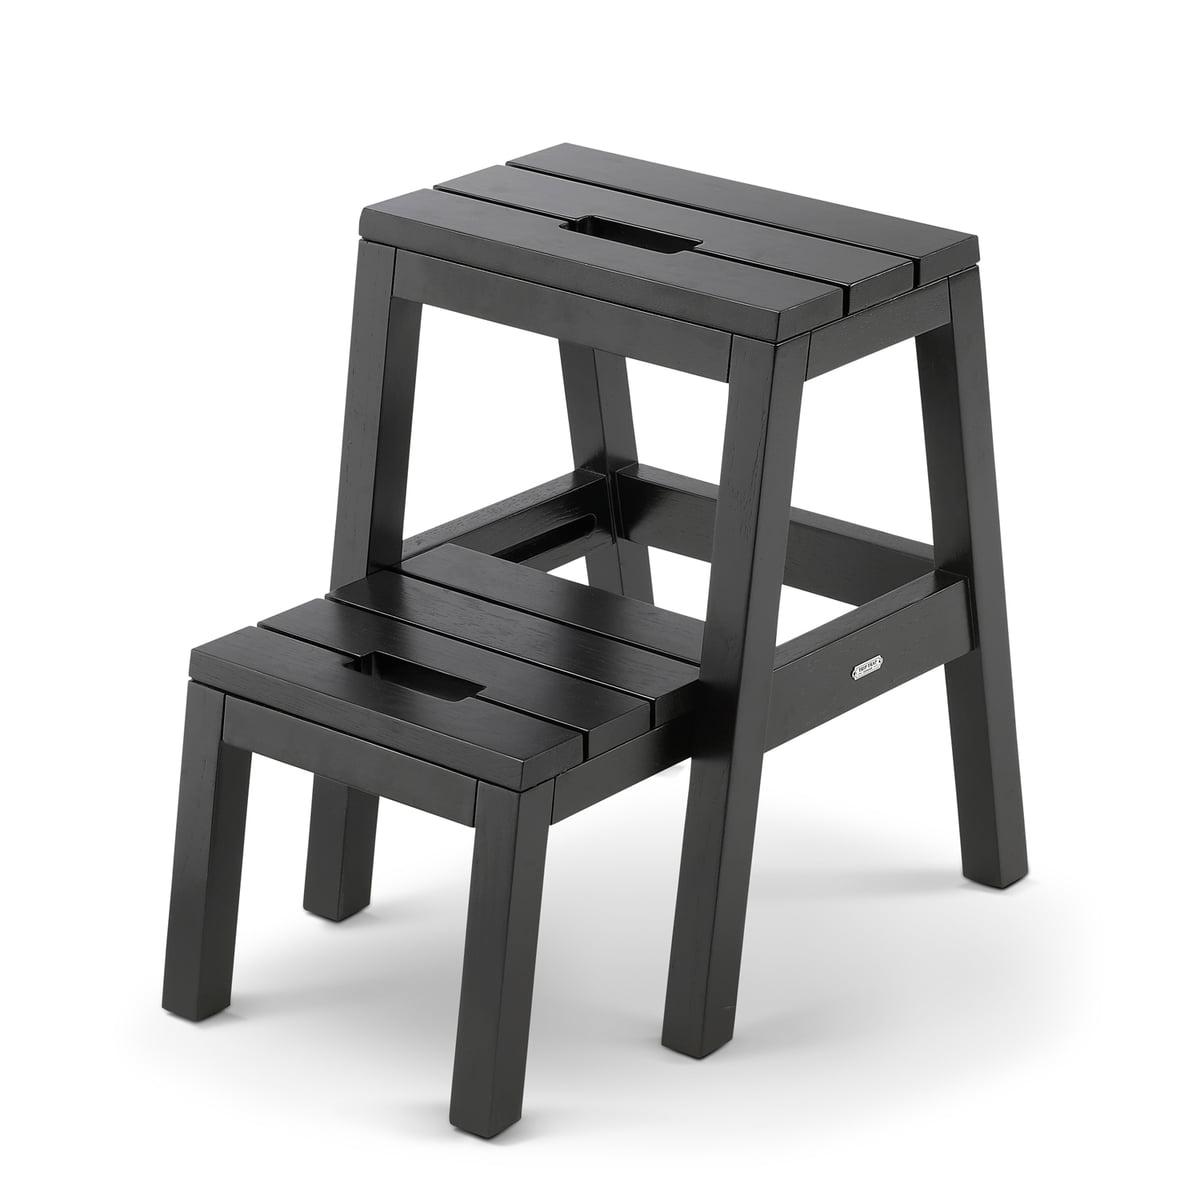 Skagerak - Dania Trittleiter, schwarz | Baumarkt > Leitern und Treppen > Trittleiter | Schwarz | Skagerak